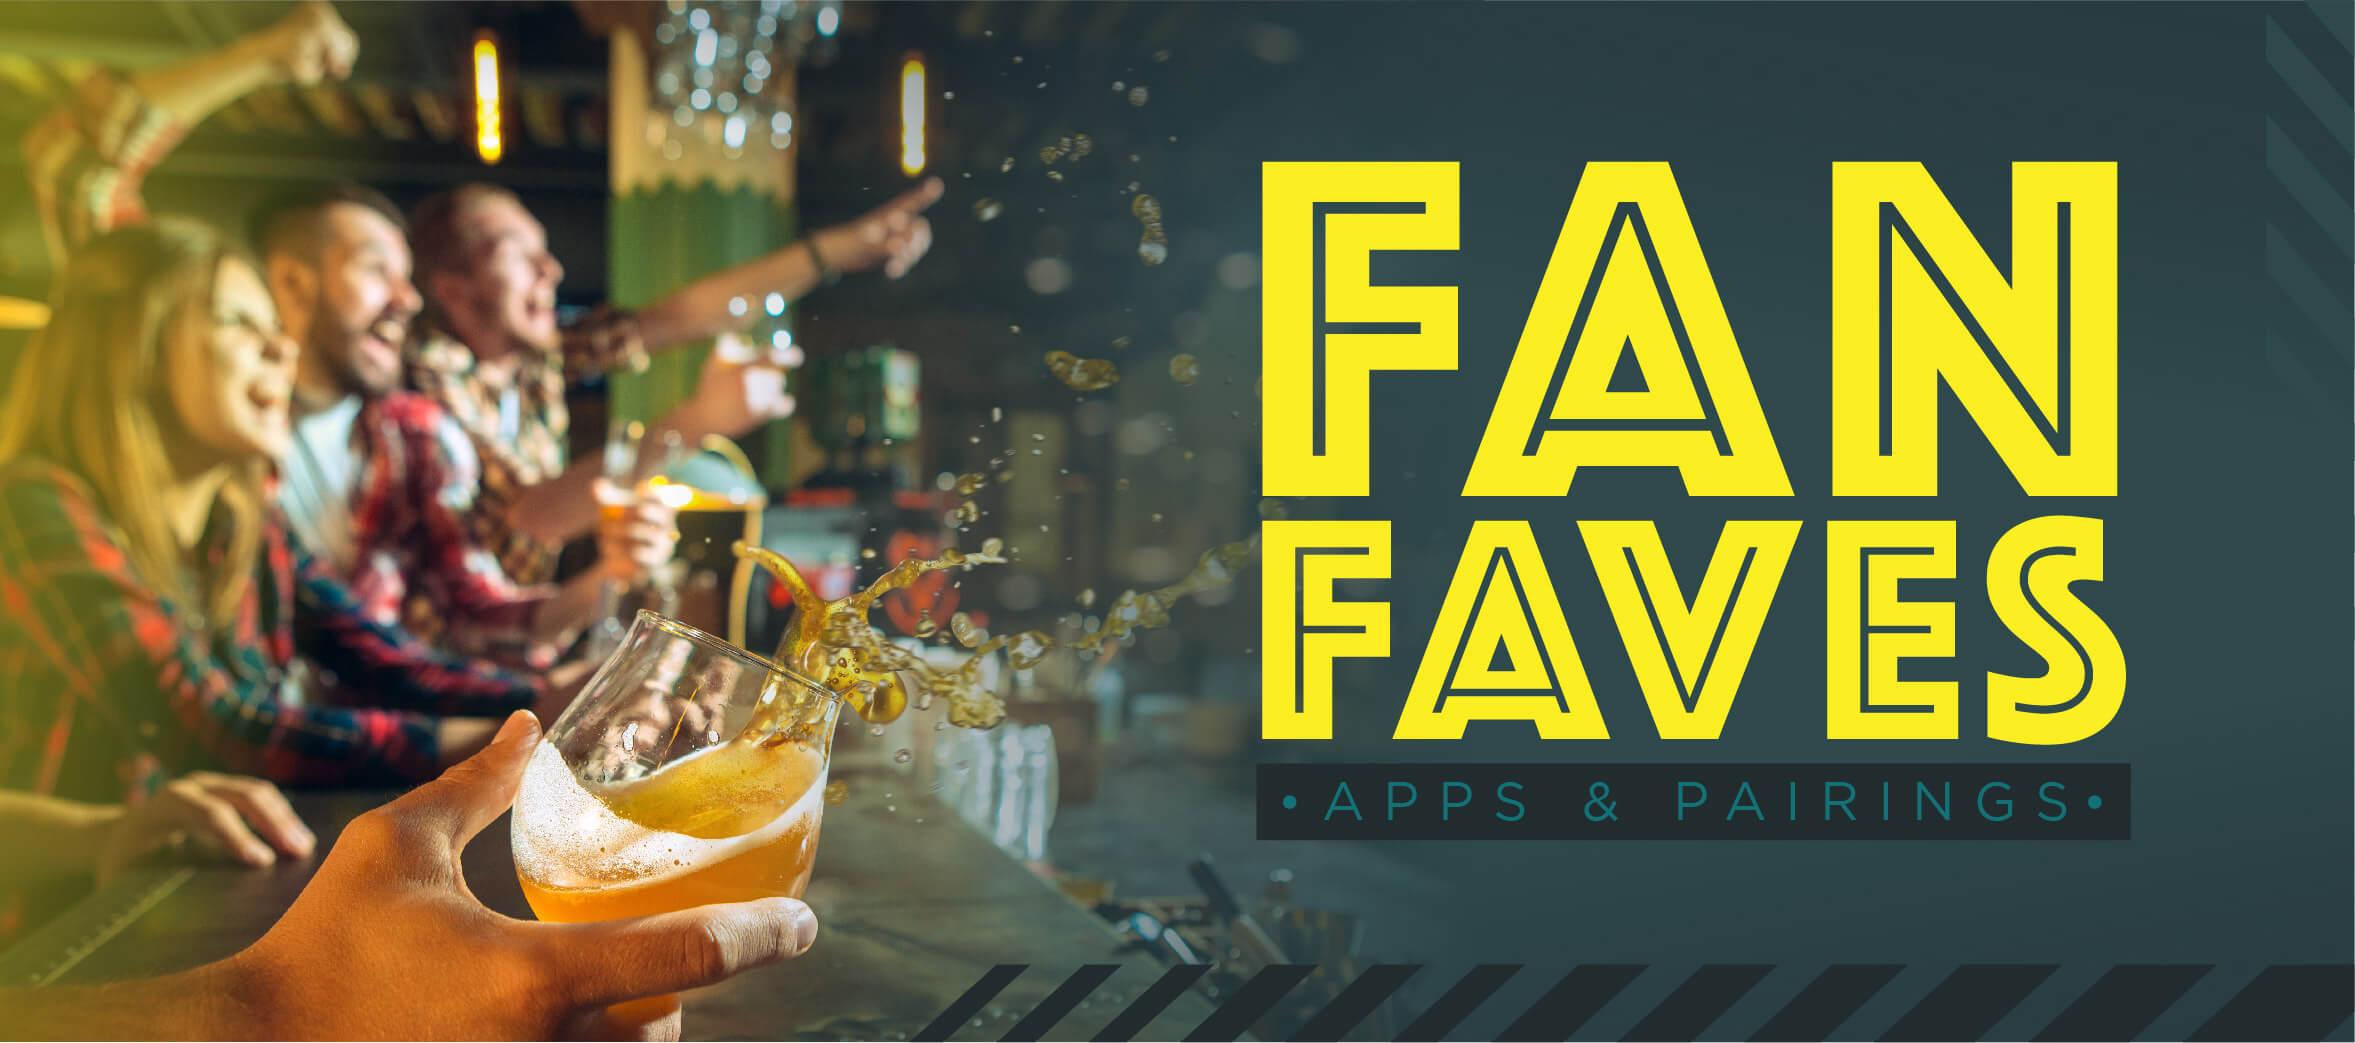 p5-fan-faves-header-en